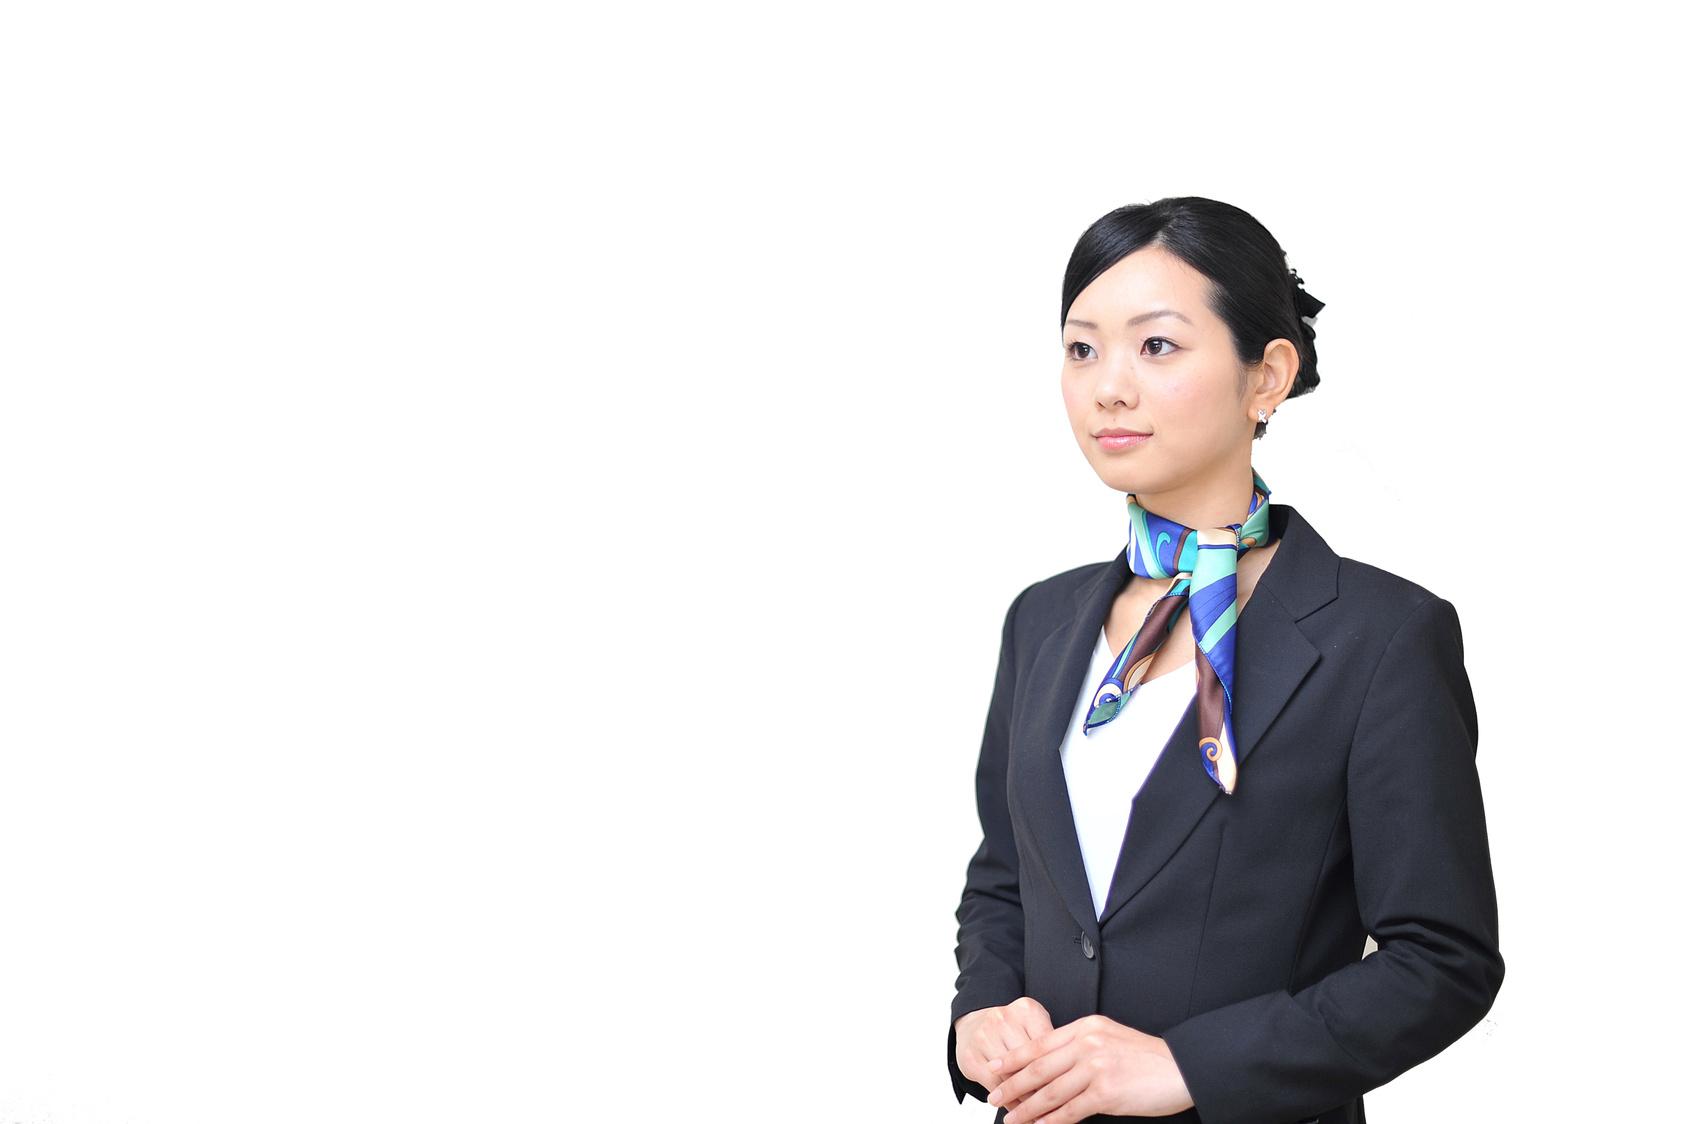 客室乗務員のサービスにはどのような特徴がある?CAに求められる資質とは?